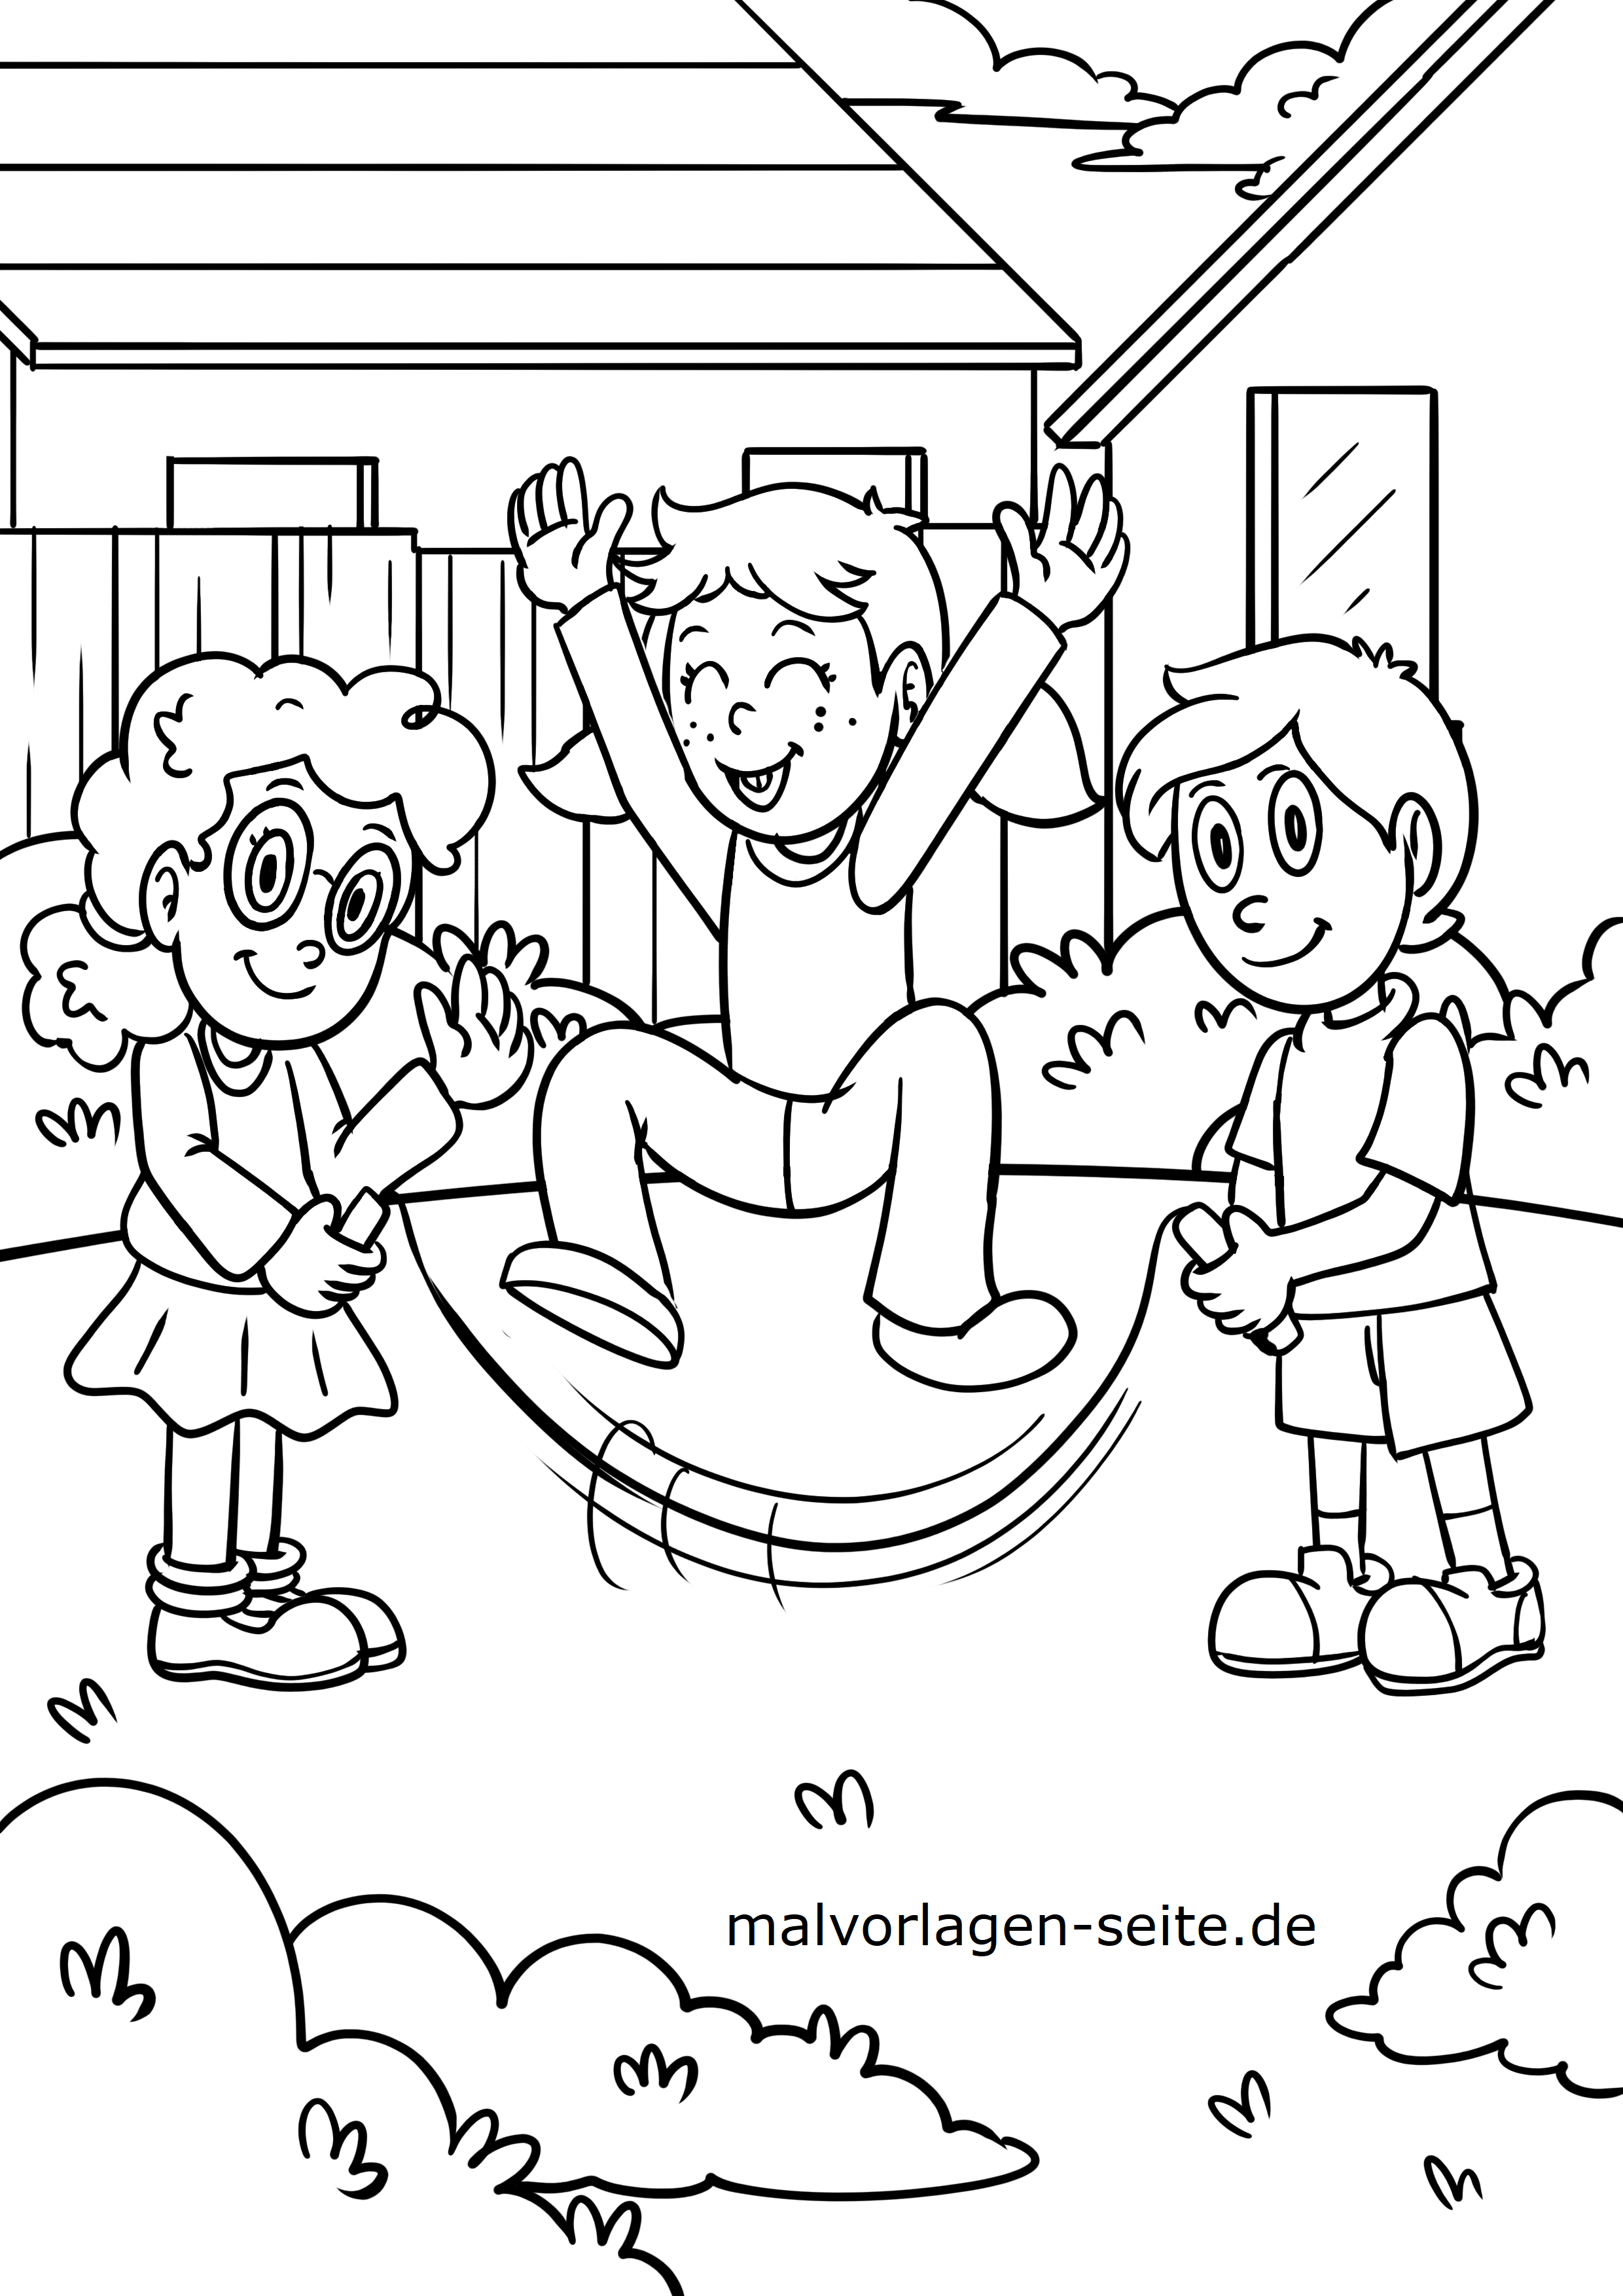 Malvorlage Kinder Seilspringen Spielen